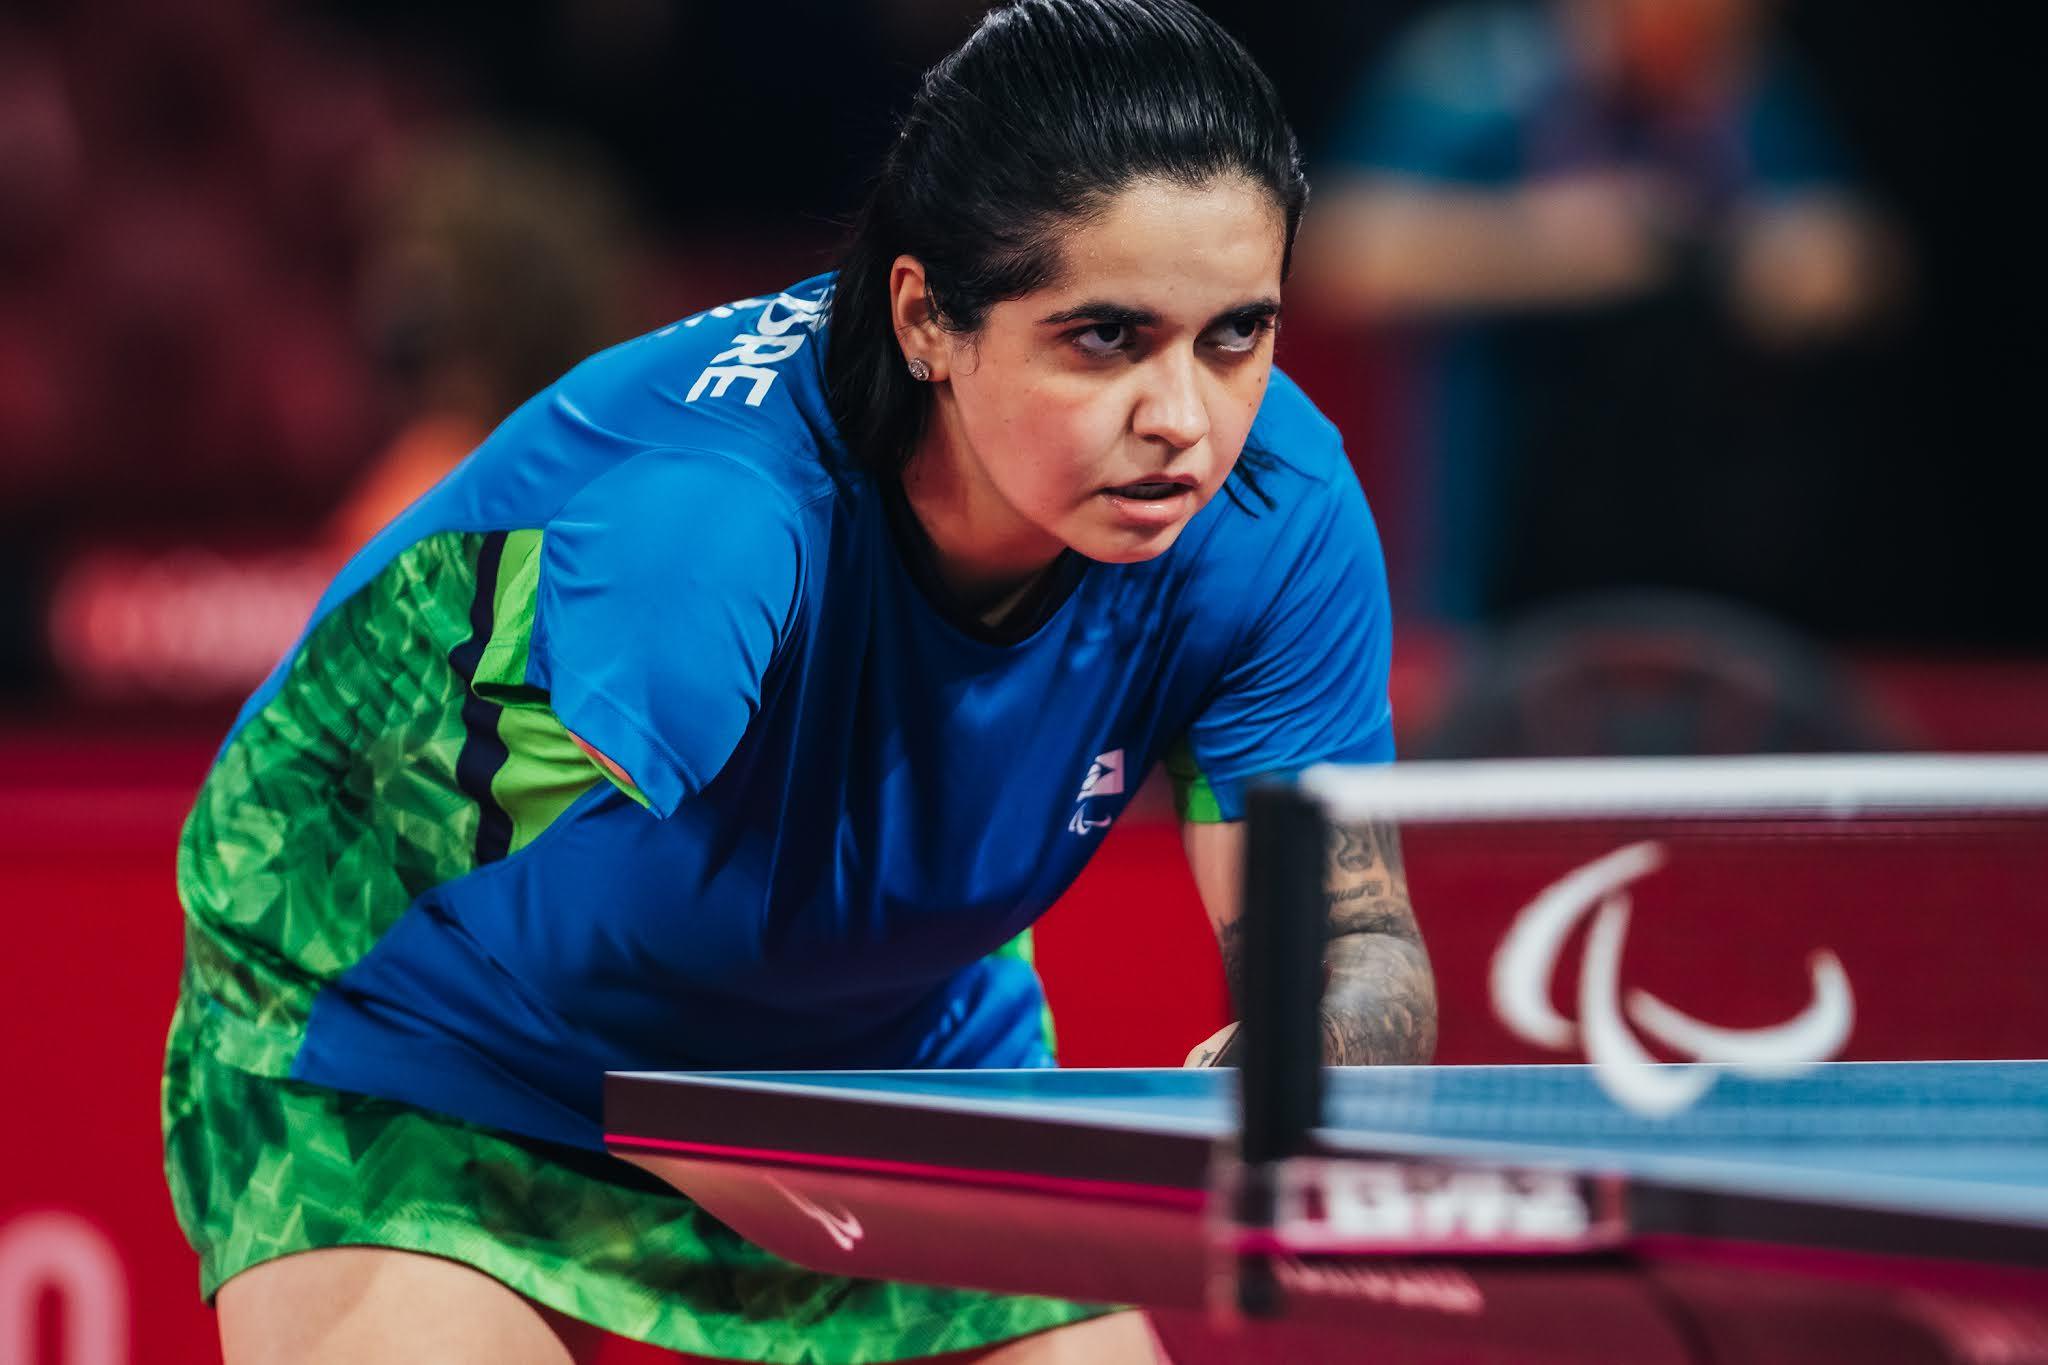 Bruna Alexandre, de azul, está com as costas flexionada em frente à mesa e tem a raquete na mão, com olhar sério